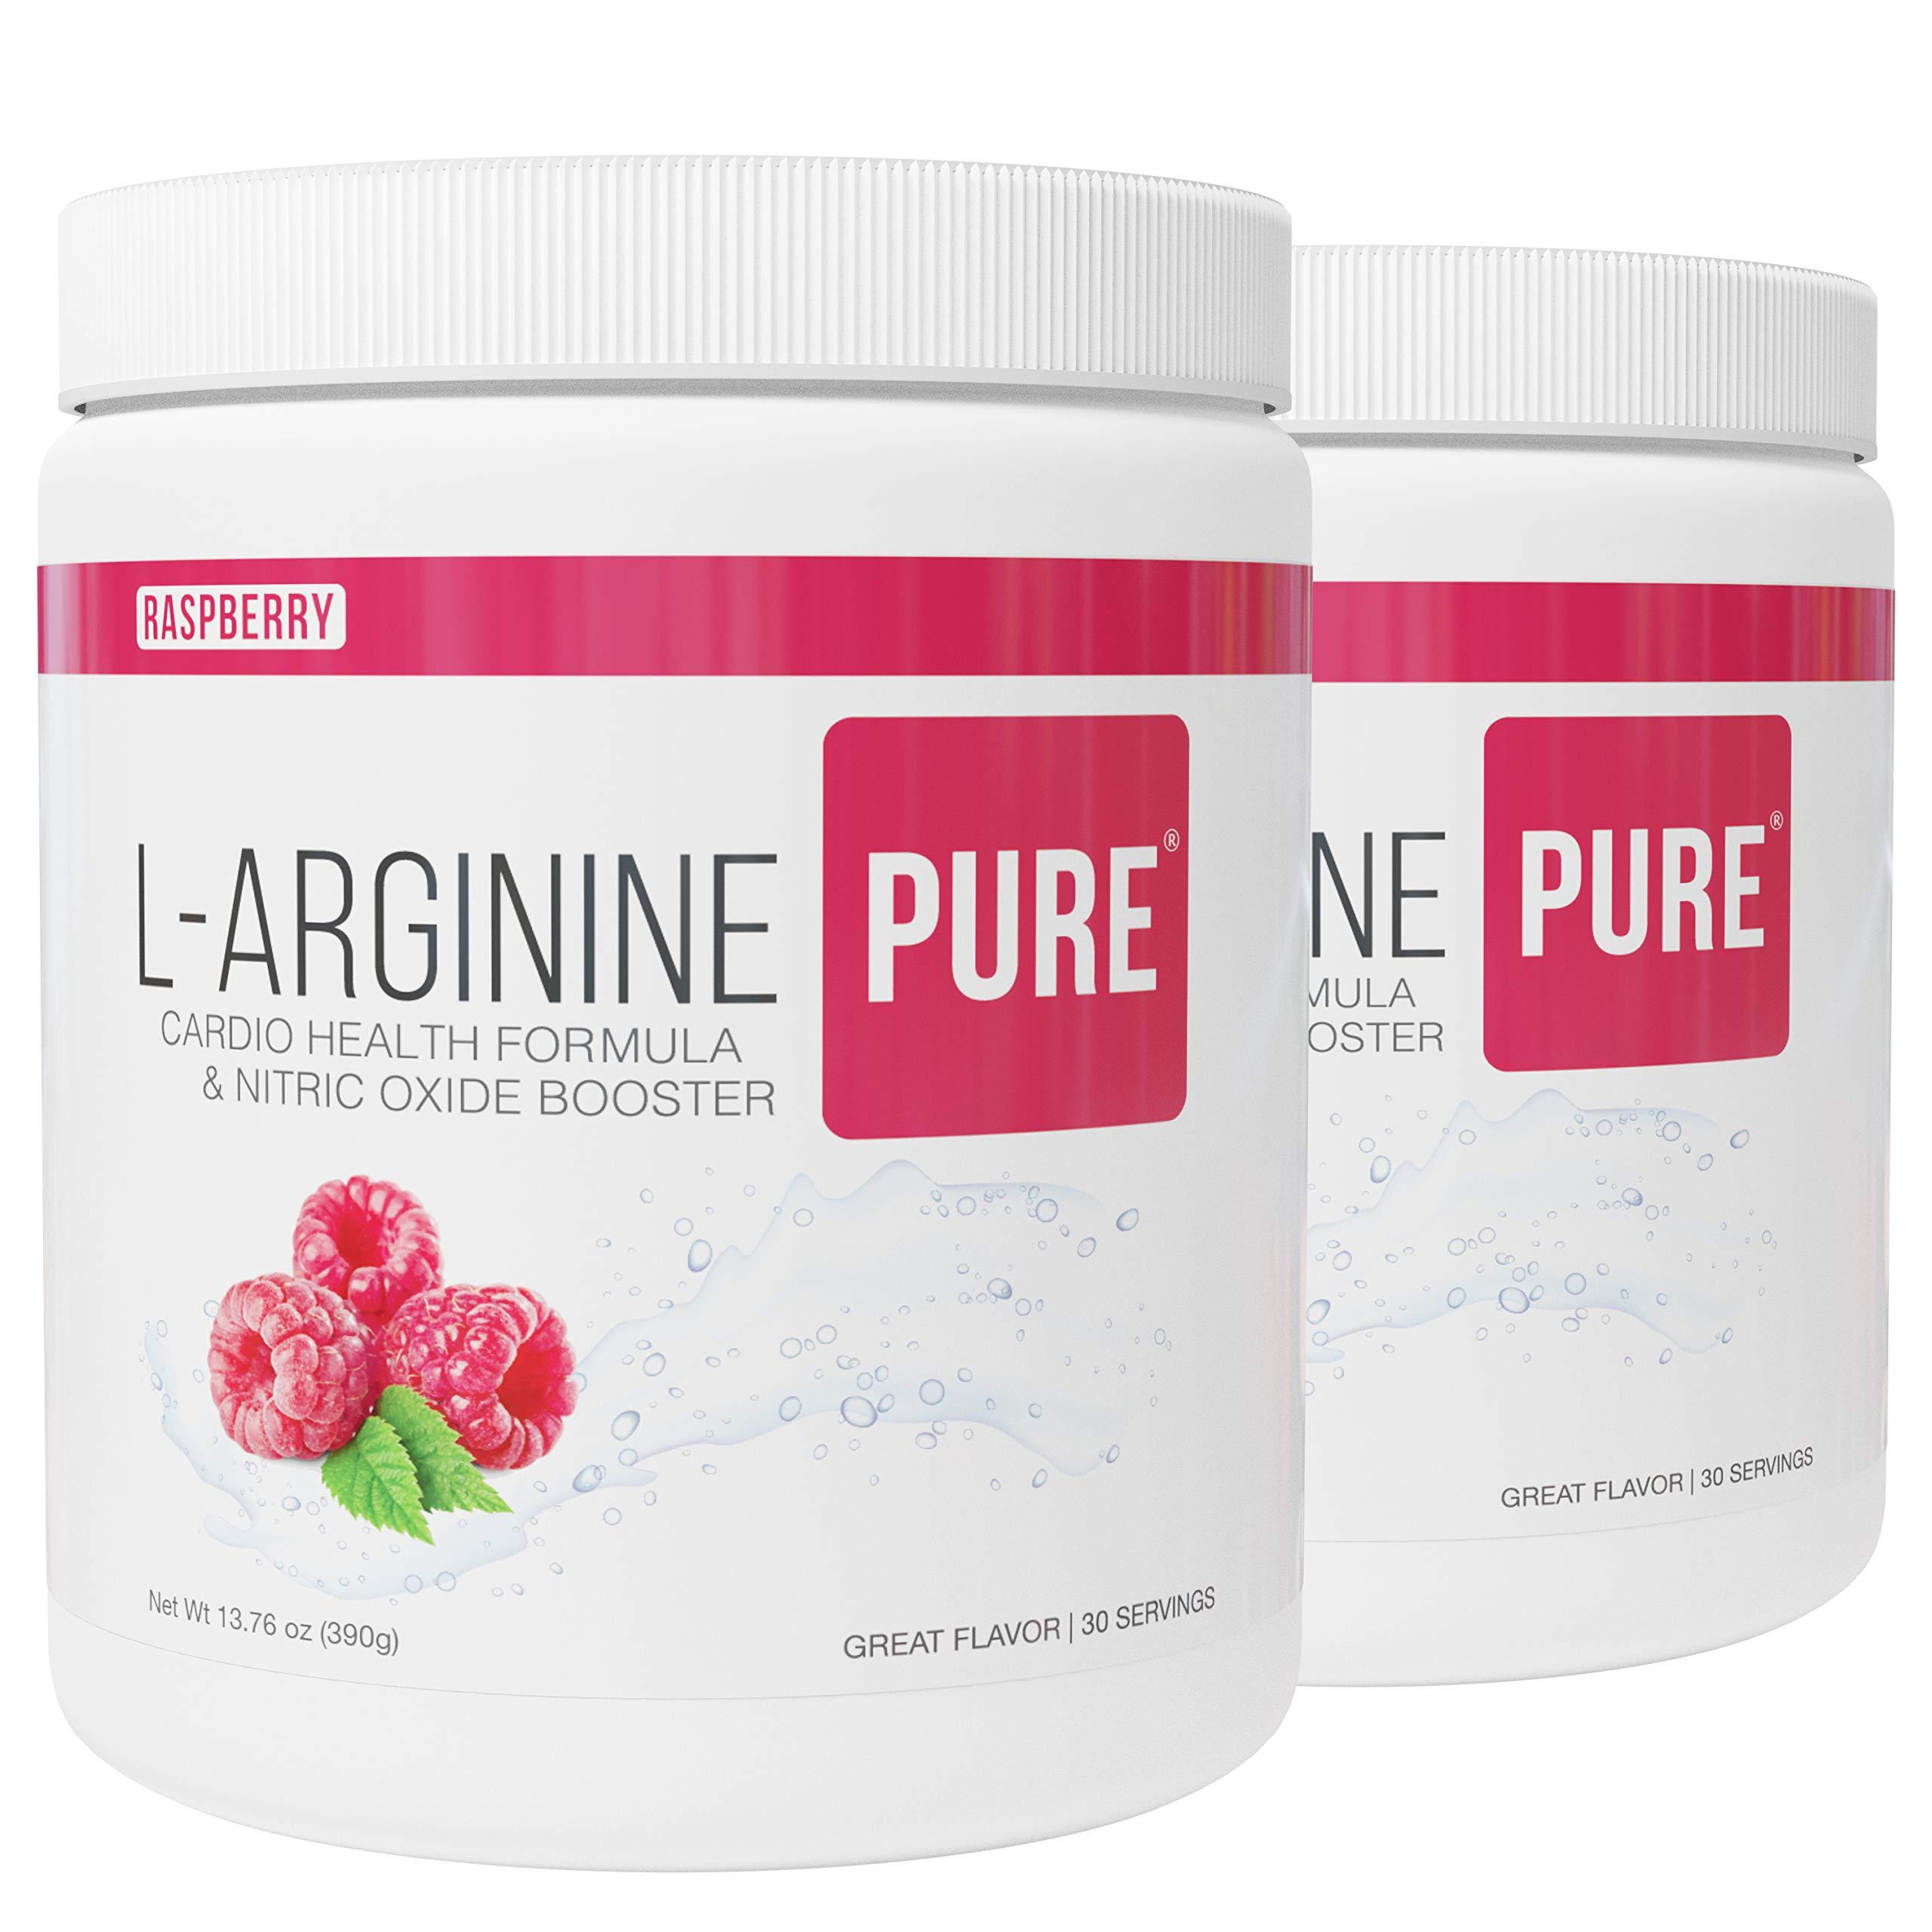 L-Arginine Pure ® | Best Tasting L-arginine Drink Mix Formula for Blood Pressure, Cholesterol, Heart Health, and More Energy (13.7 oz, 390g) (Raspberry, 2 Bottles)